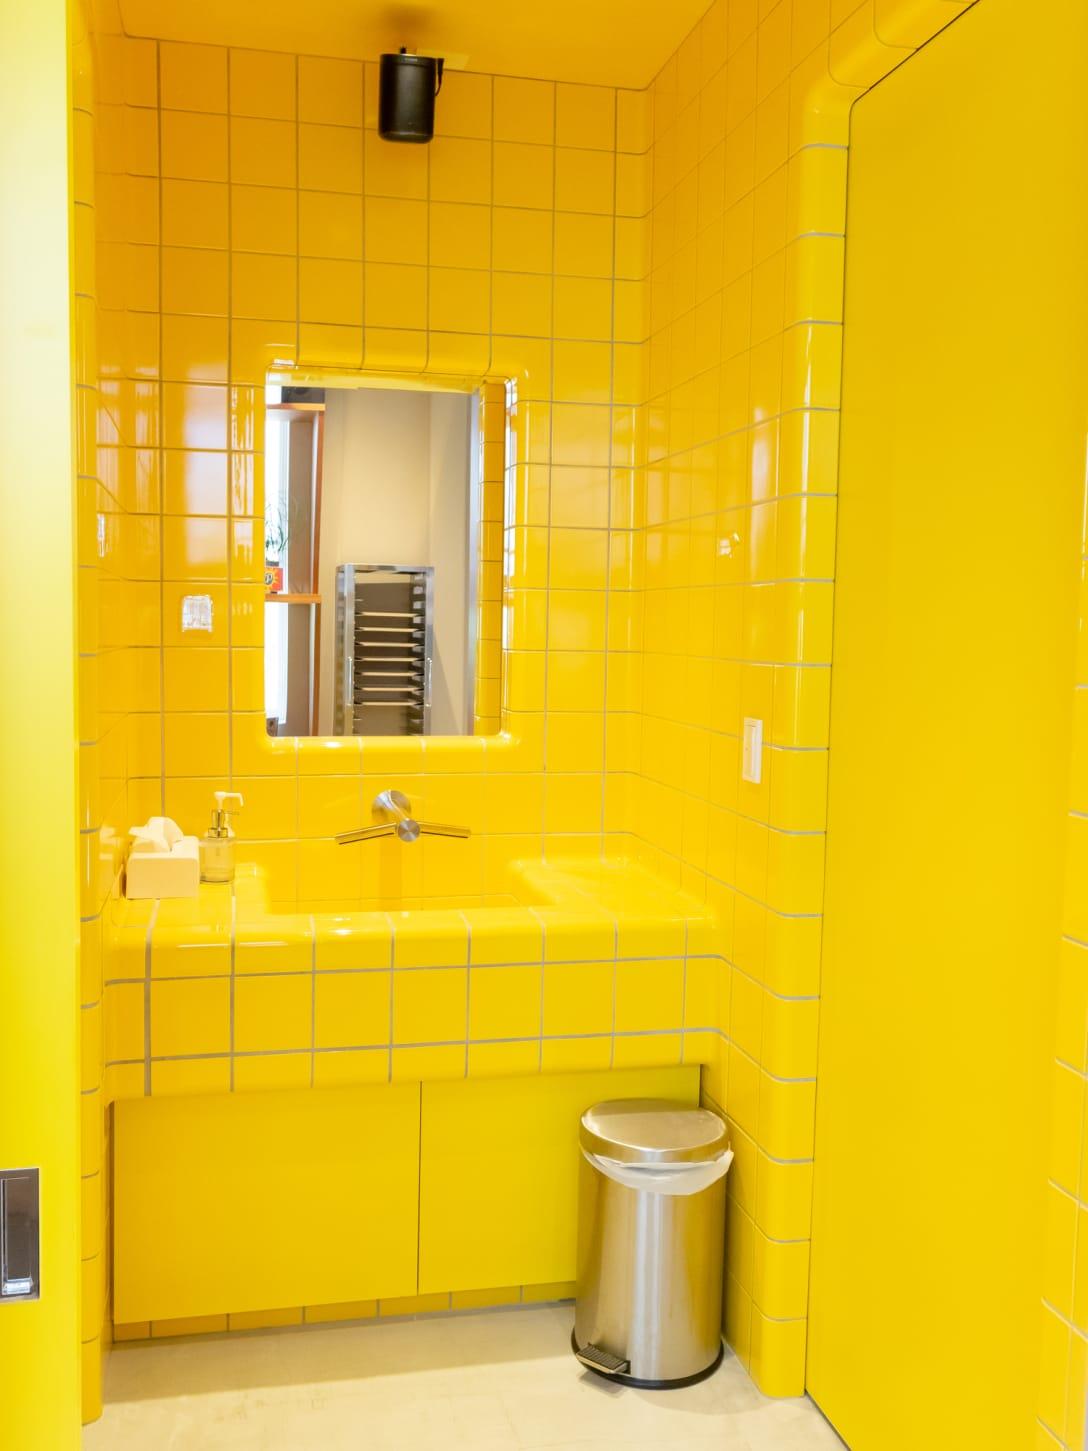 スウェーデンの地下鉄のトイレを再現した洗面台